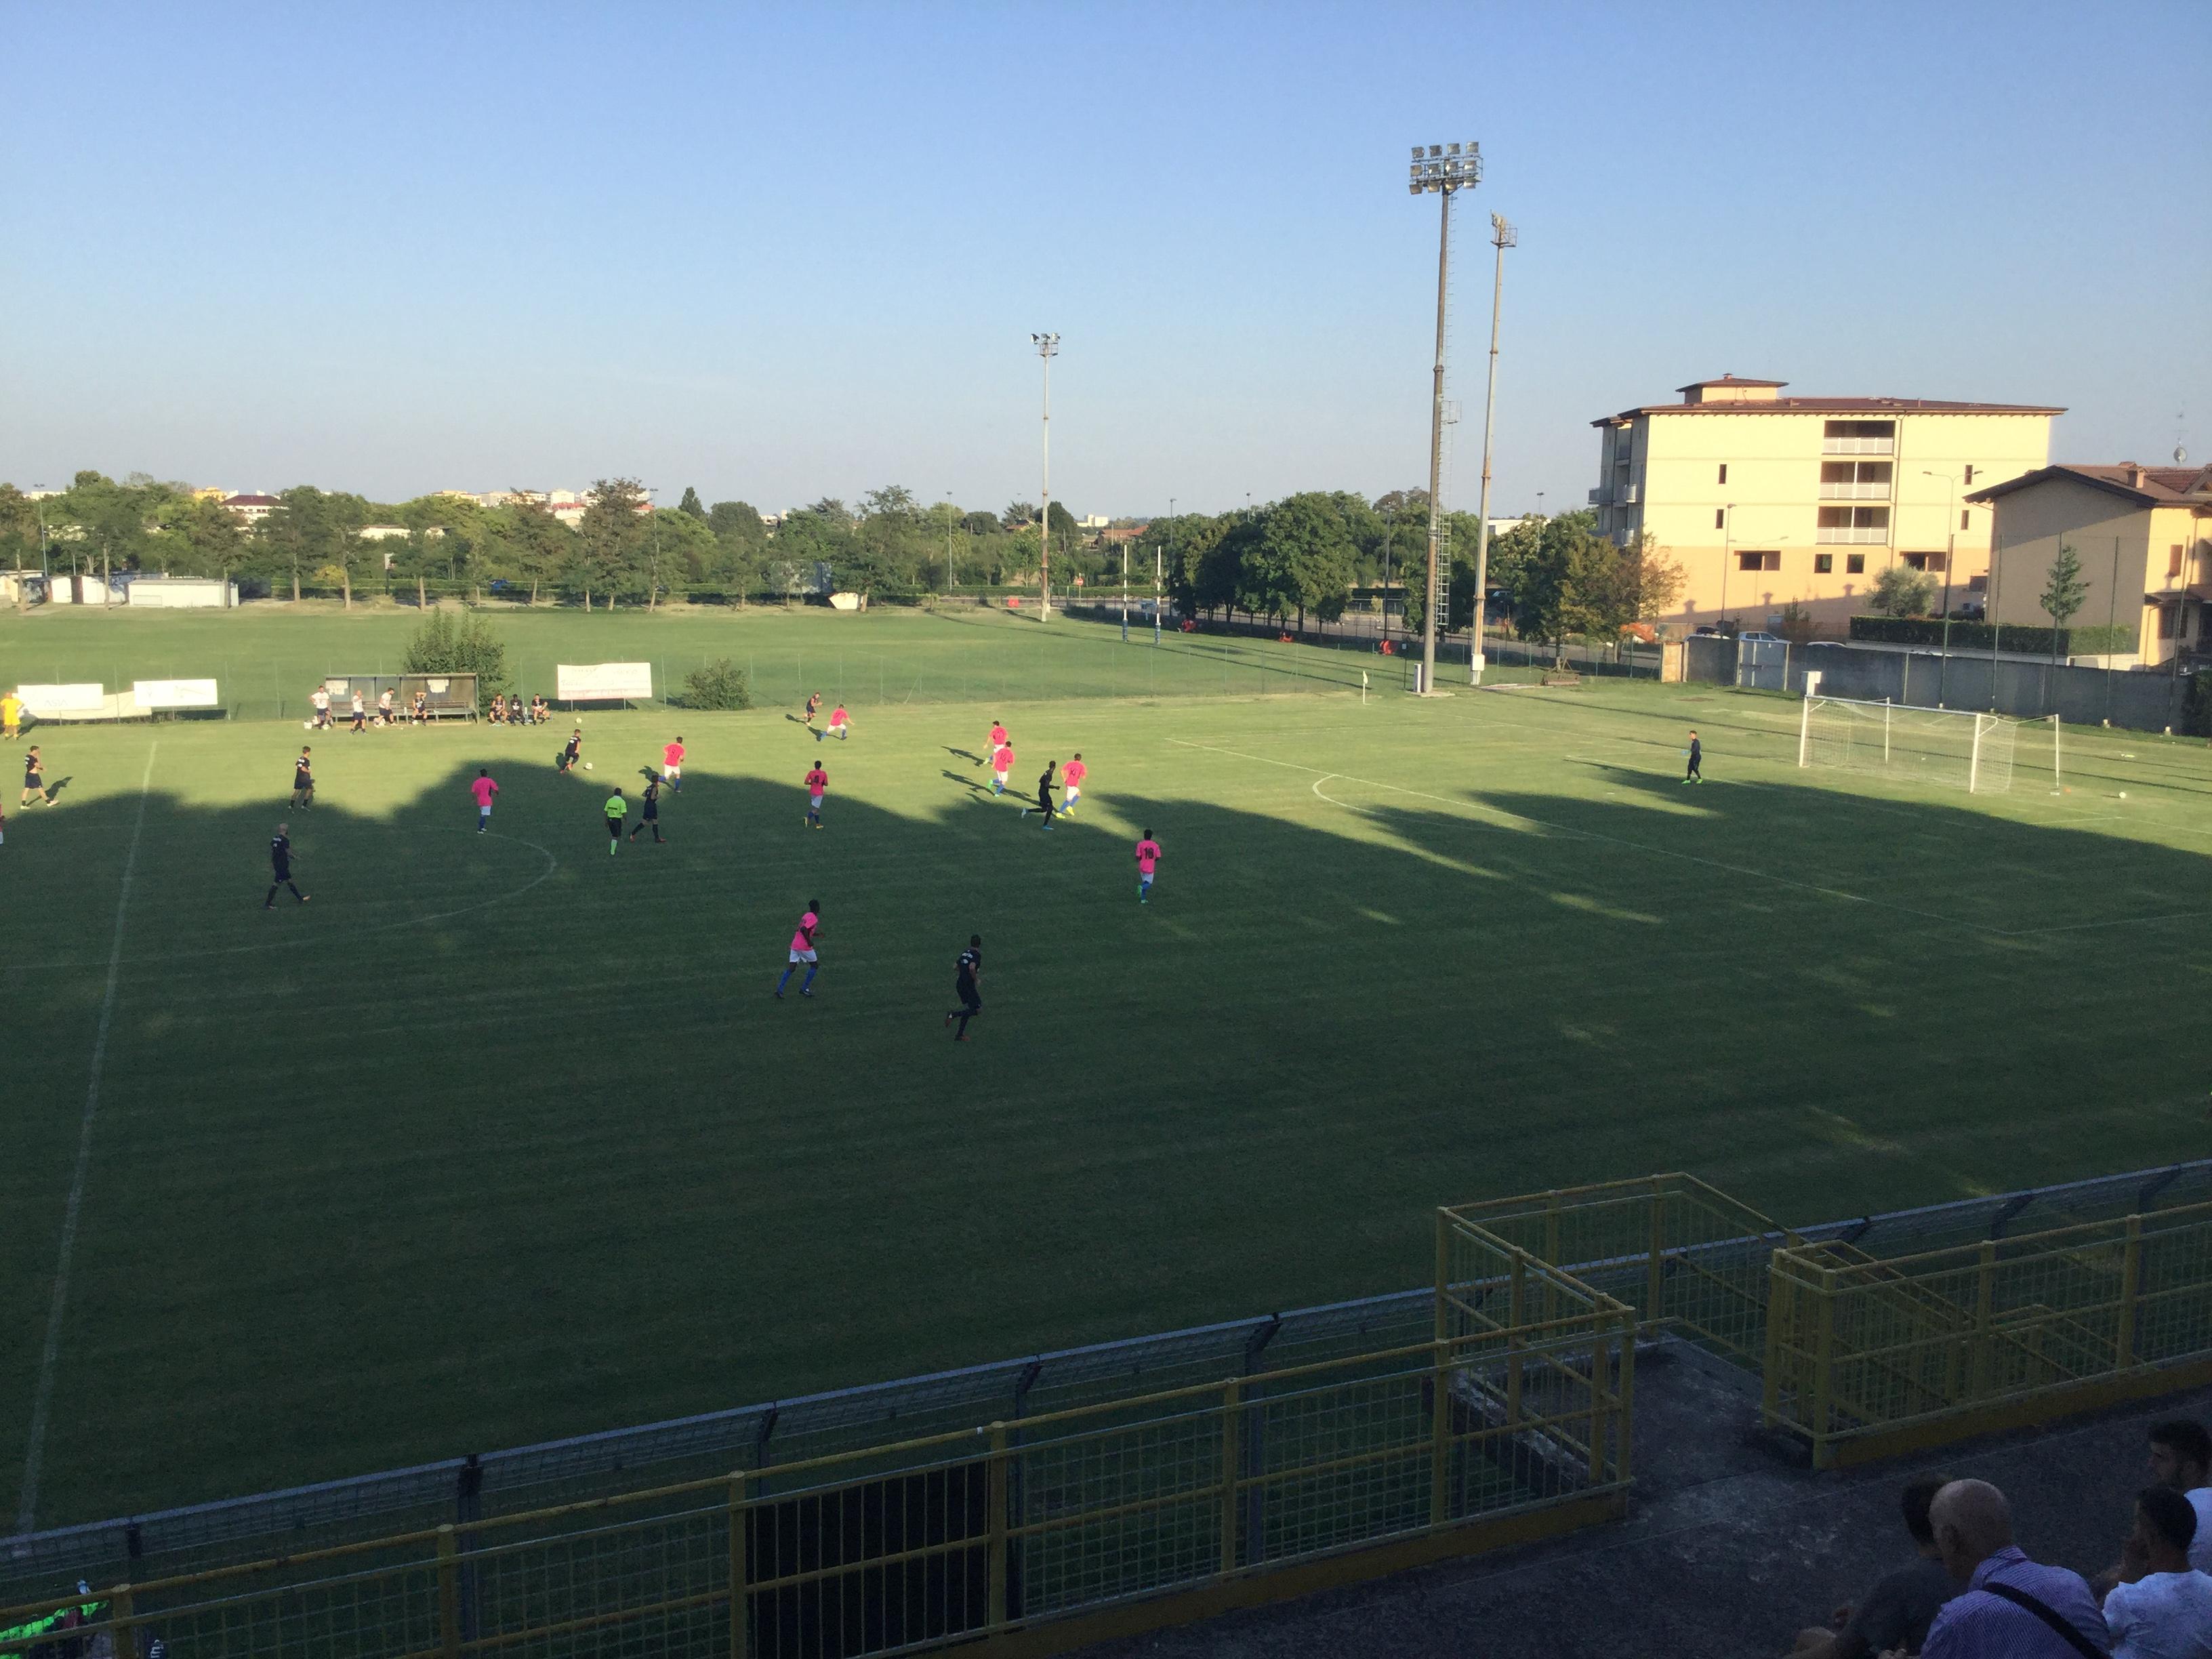 Impianti sportivi, 12 progetti finanziati dalla Regione nel Piacentino